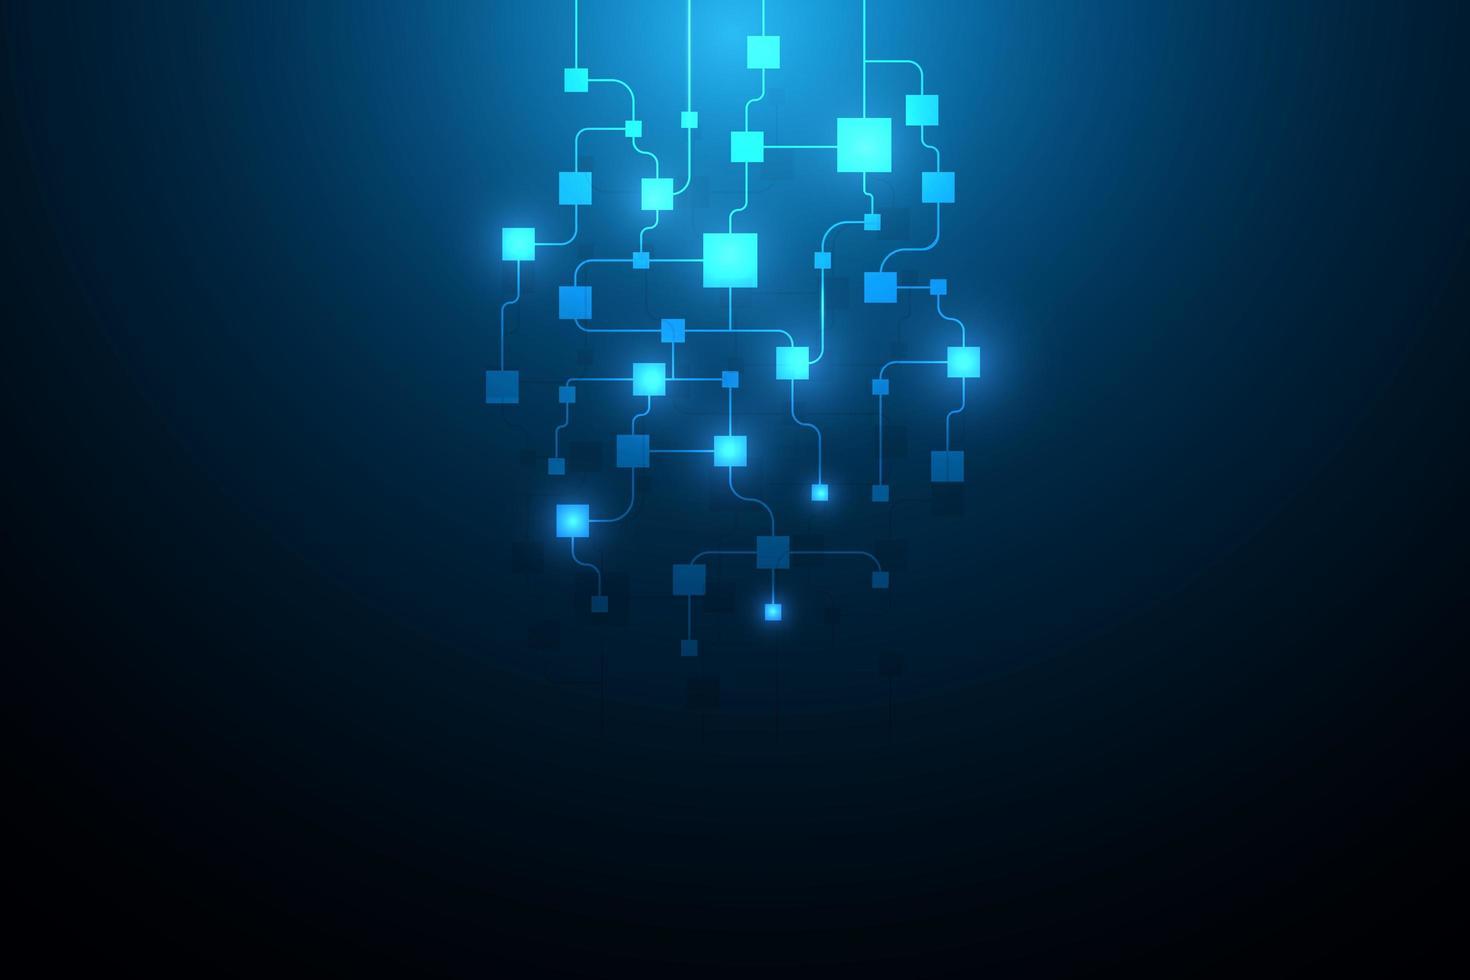 Hintergrund des abstrakten Schaltungsnetzwerk-Blockchain-Konzepts vektor